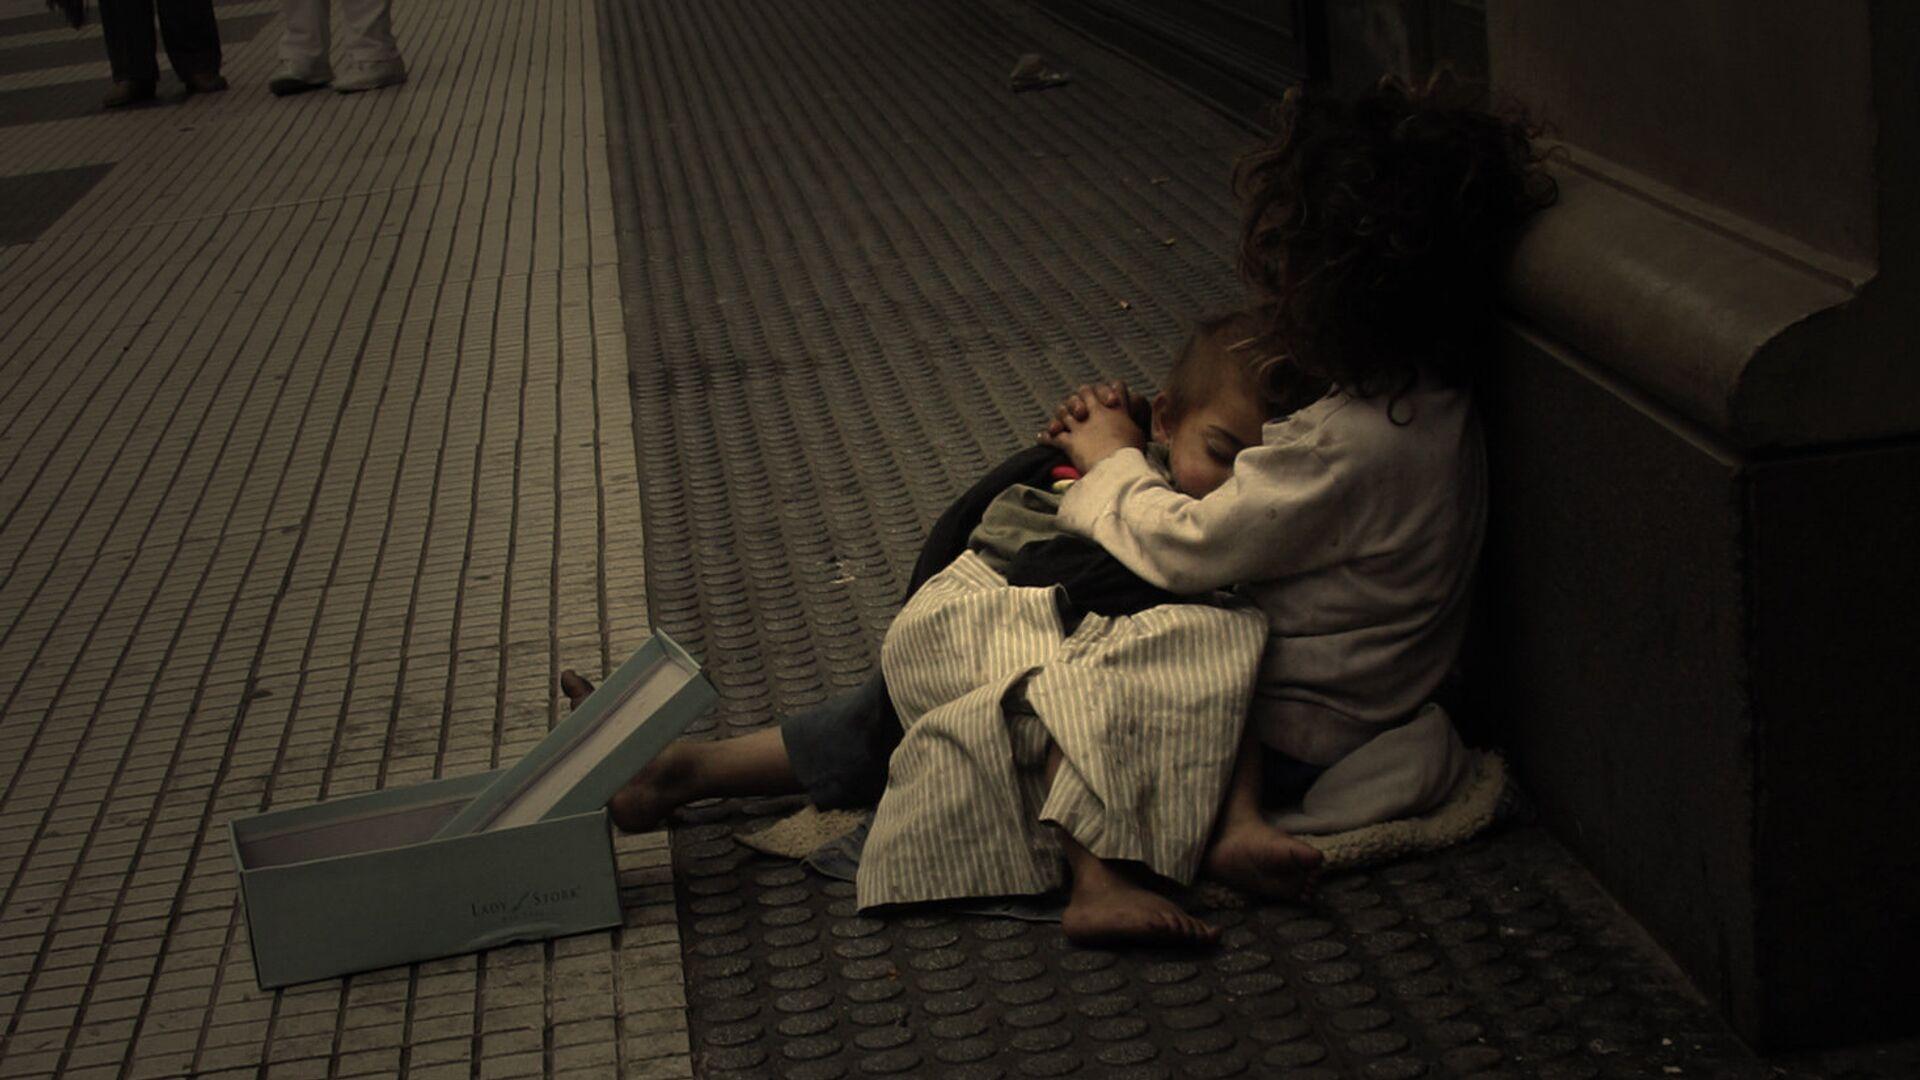 Una familia pobre en  Argentina - Sputnik Mundo, 1920, 19.03.2021